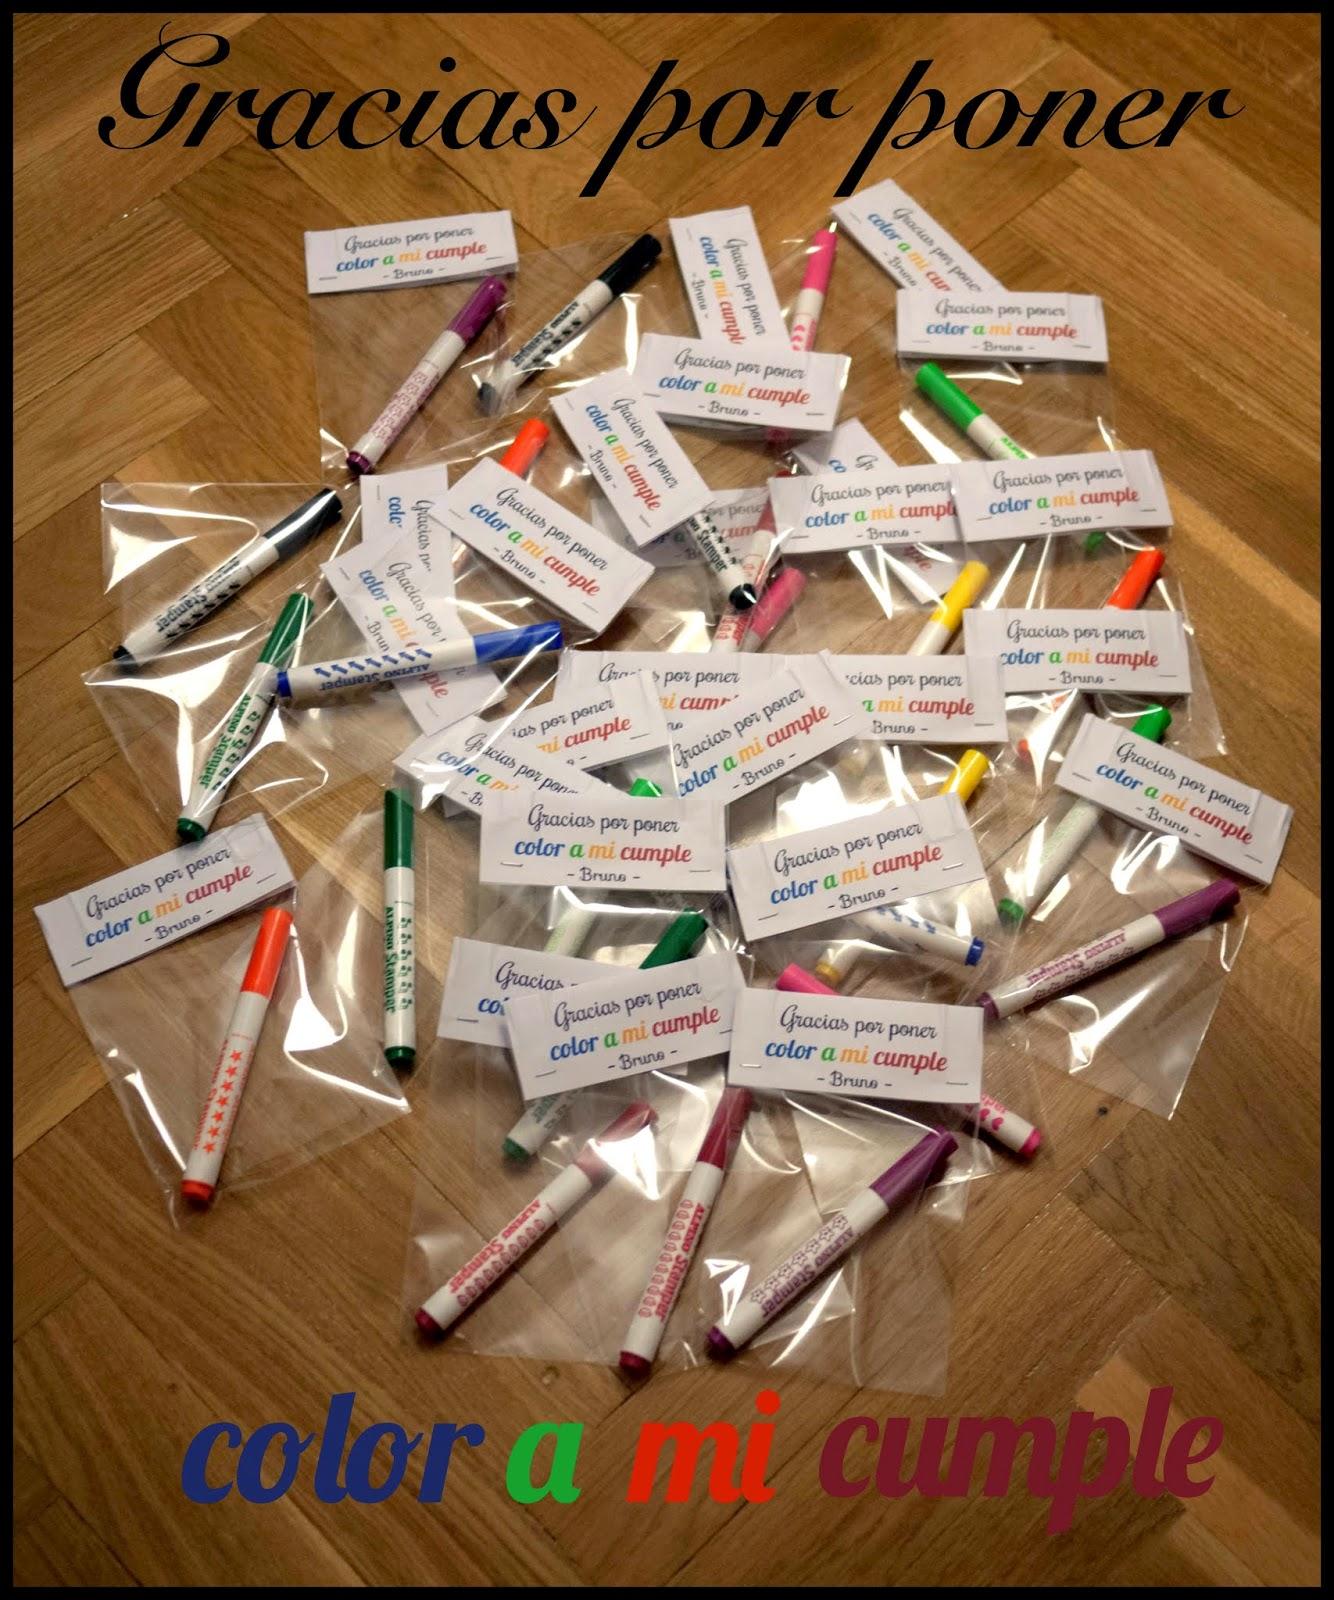 Rotuladores empaquetados individualmente para regalas a los invitados del cumpleaños